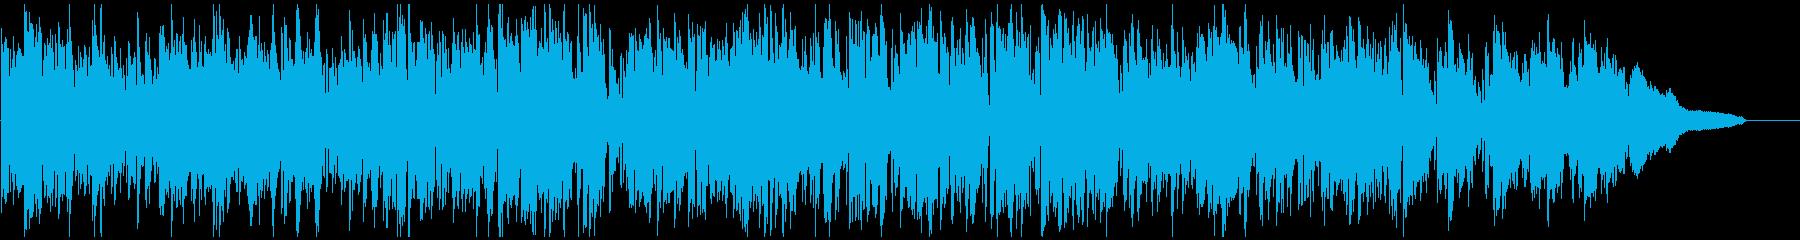 綺麗なメロディのアップテンポなボサノバの再生済みの波形